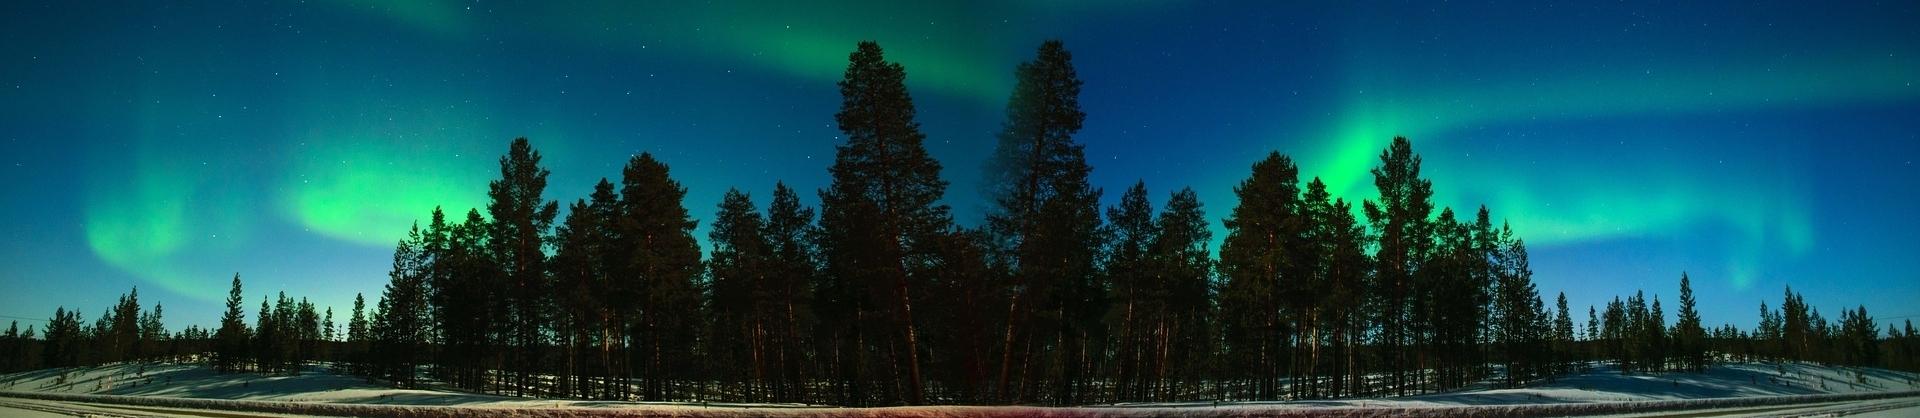 aurora-2232730_1920.jpg